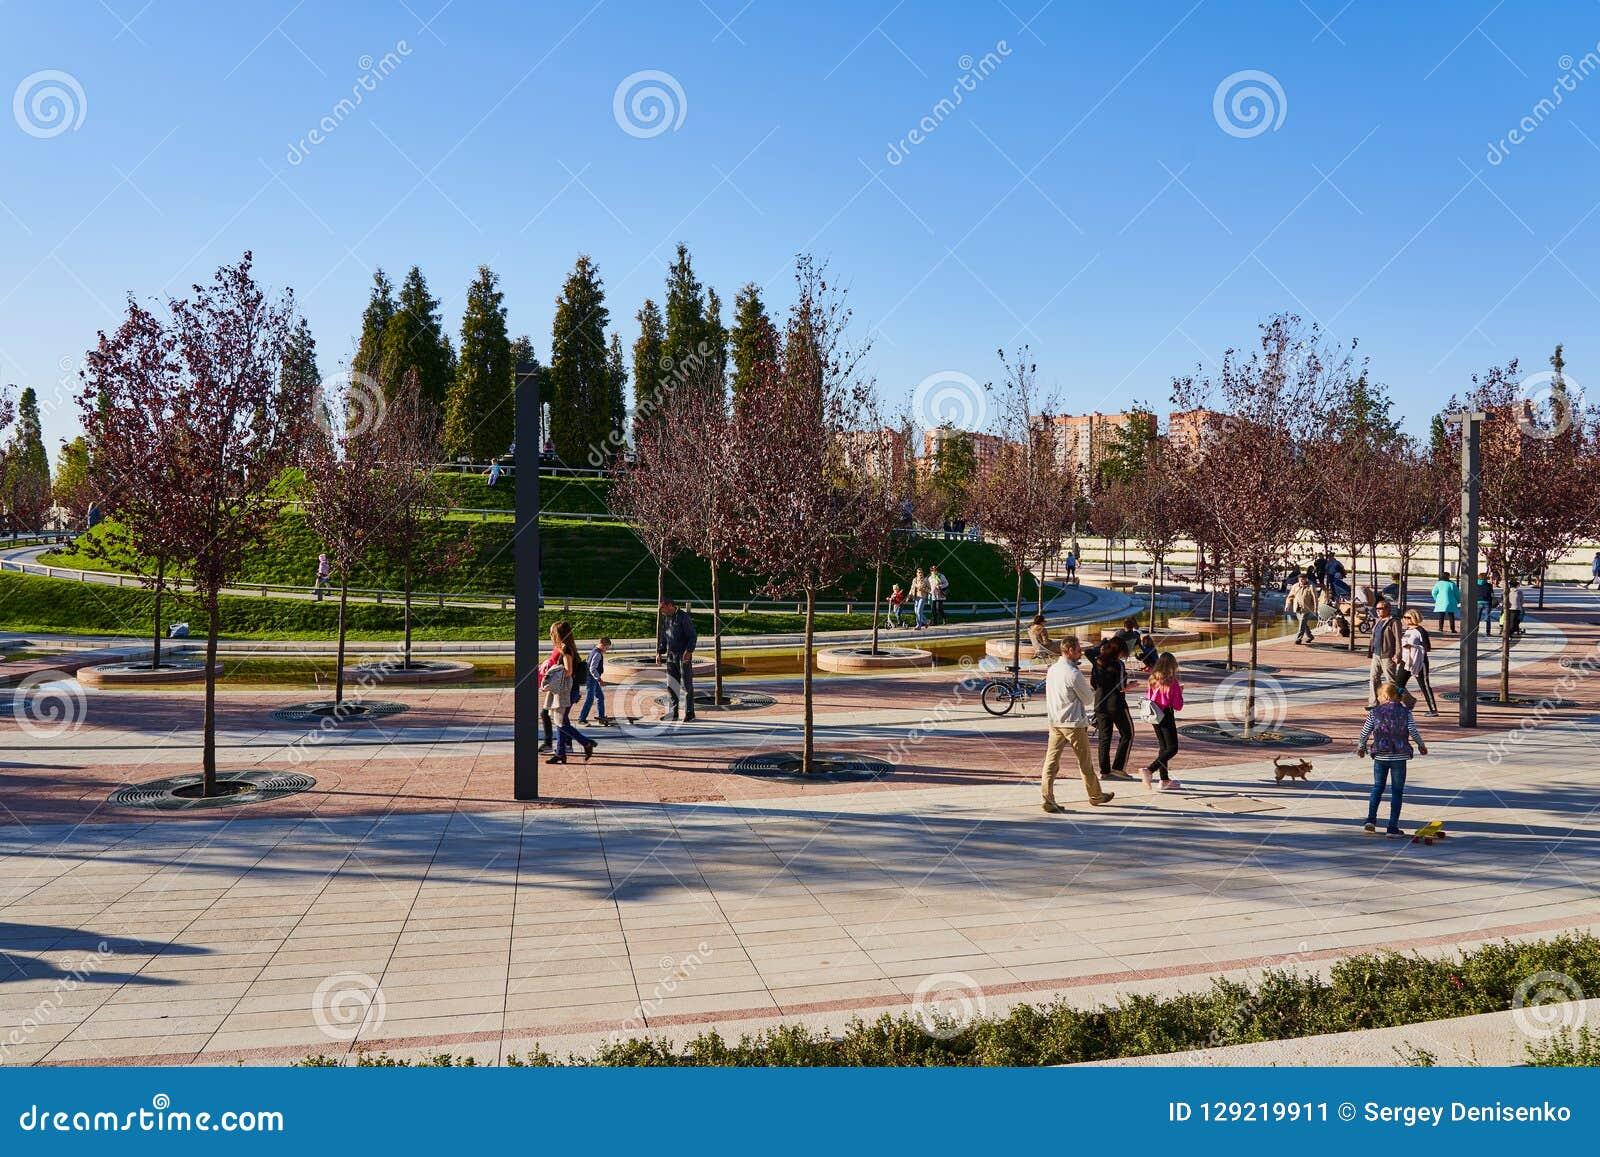 Krasnodar, Rusia - 7 de octubre de 2018: Las familias con los niños caminan en el parque Krasnodar o Galitsky en un día soleado d